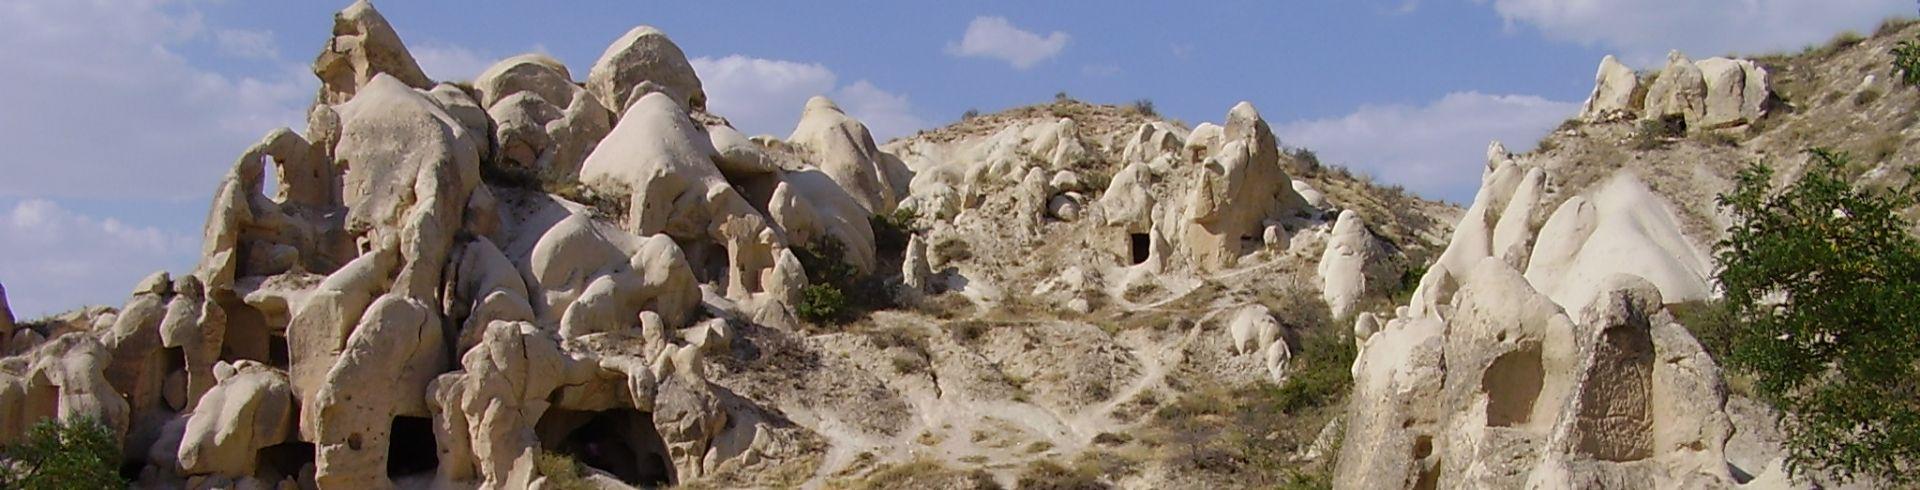 טרק לקפדוקיה והרי אלאדלאר תורכיה